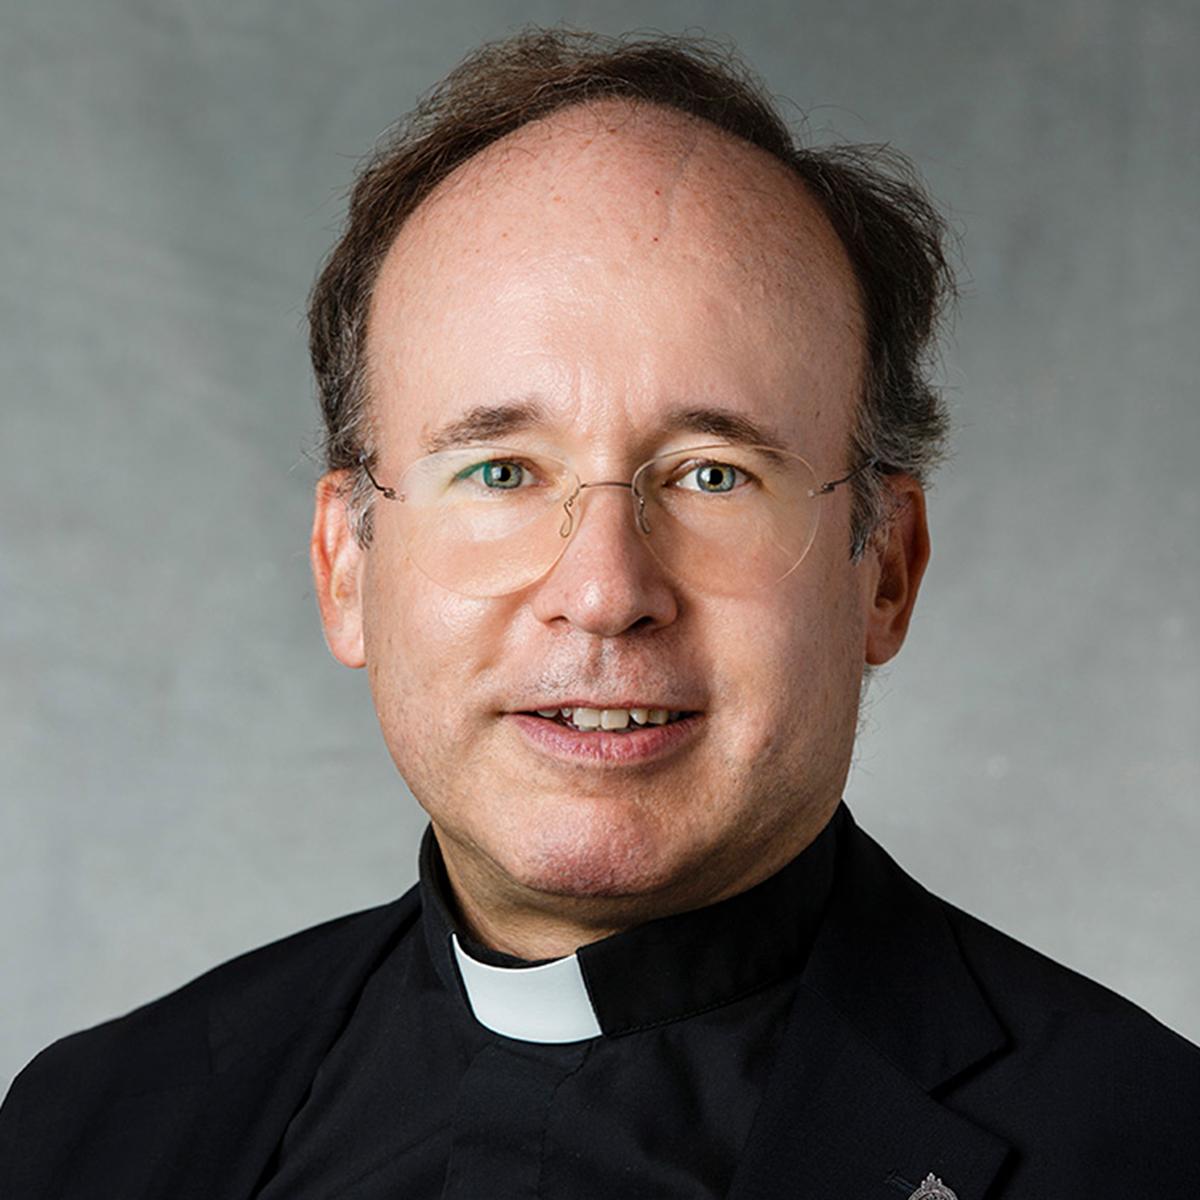 Martin Schlag